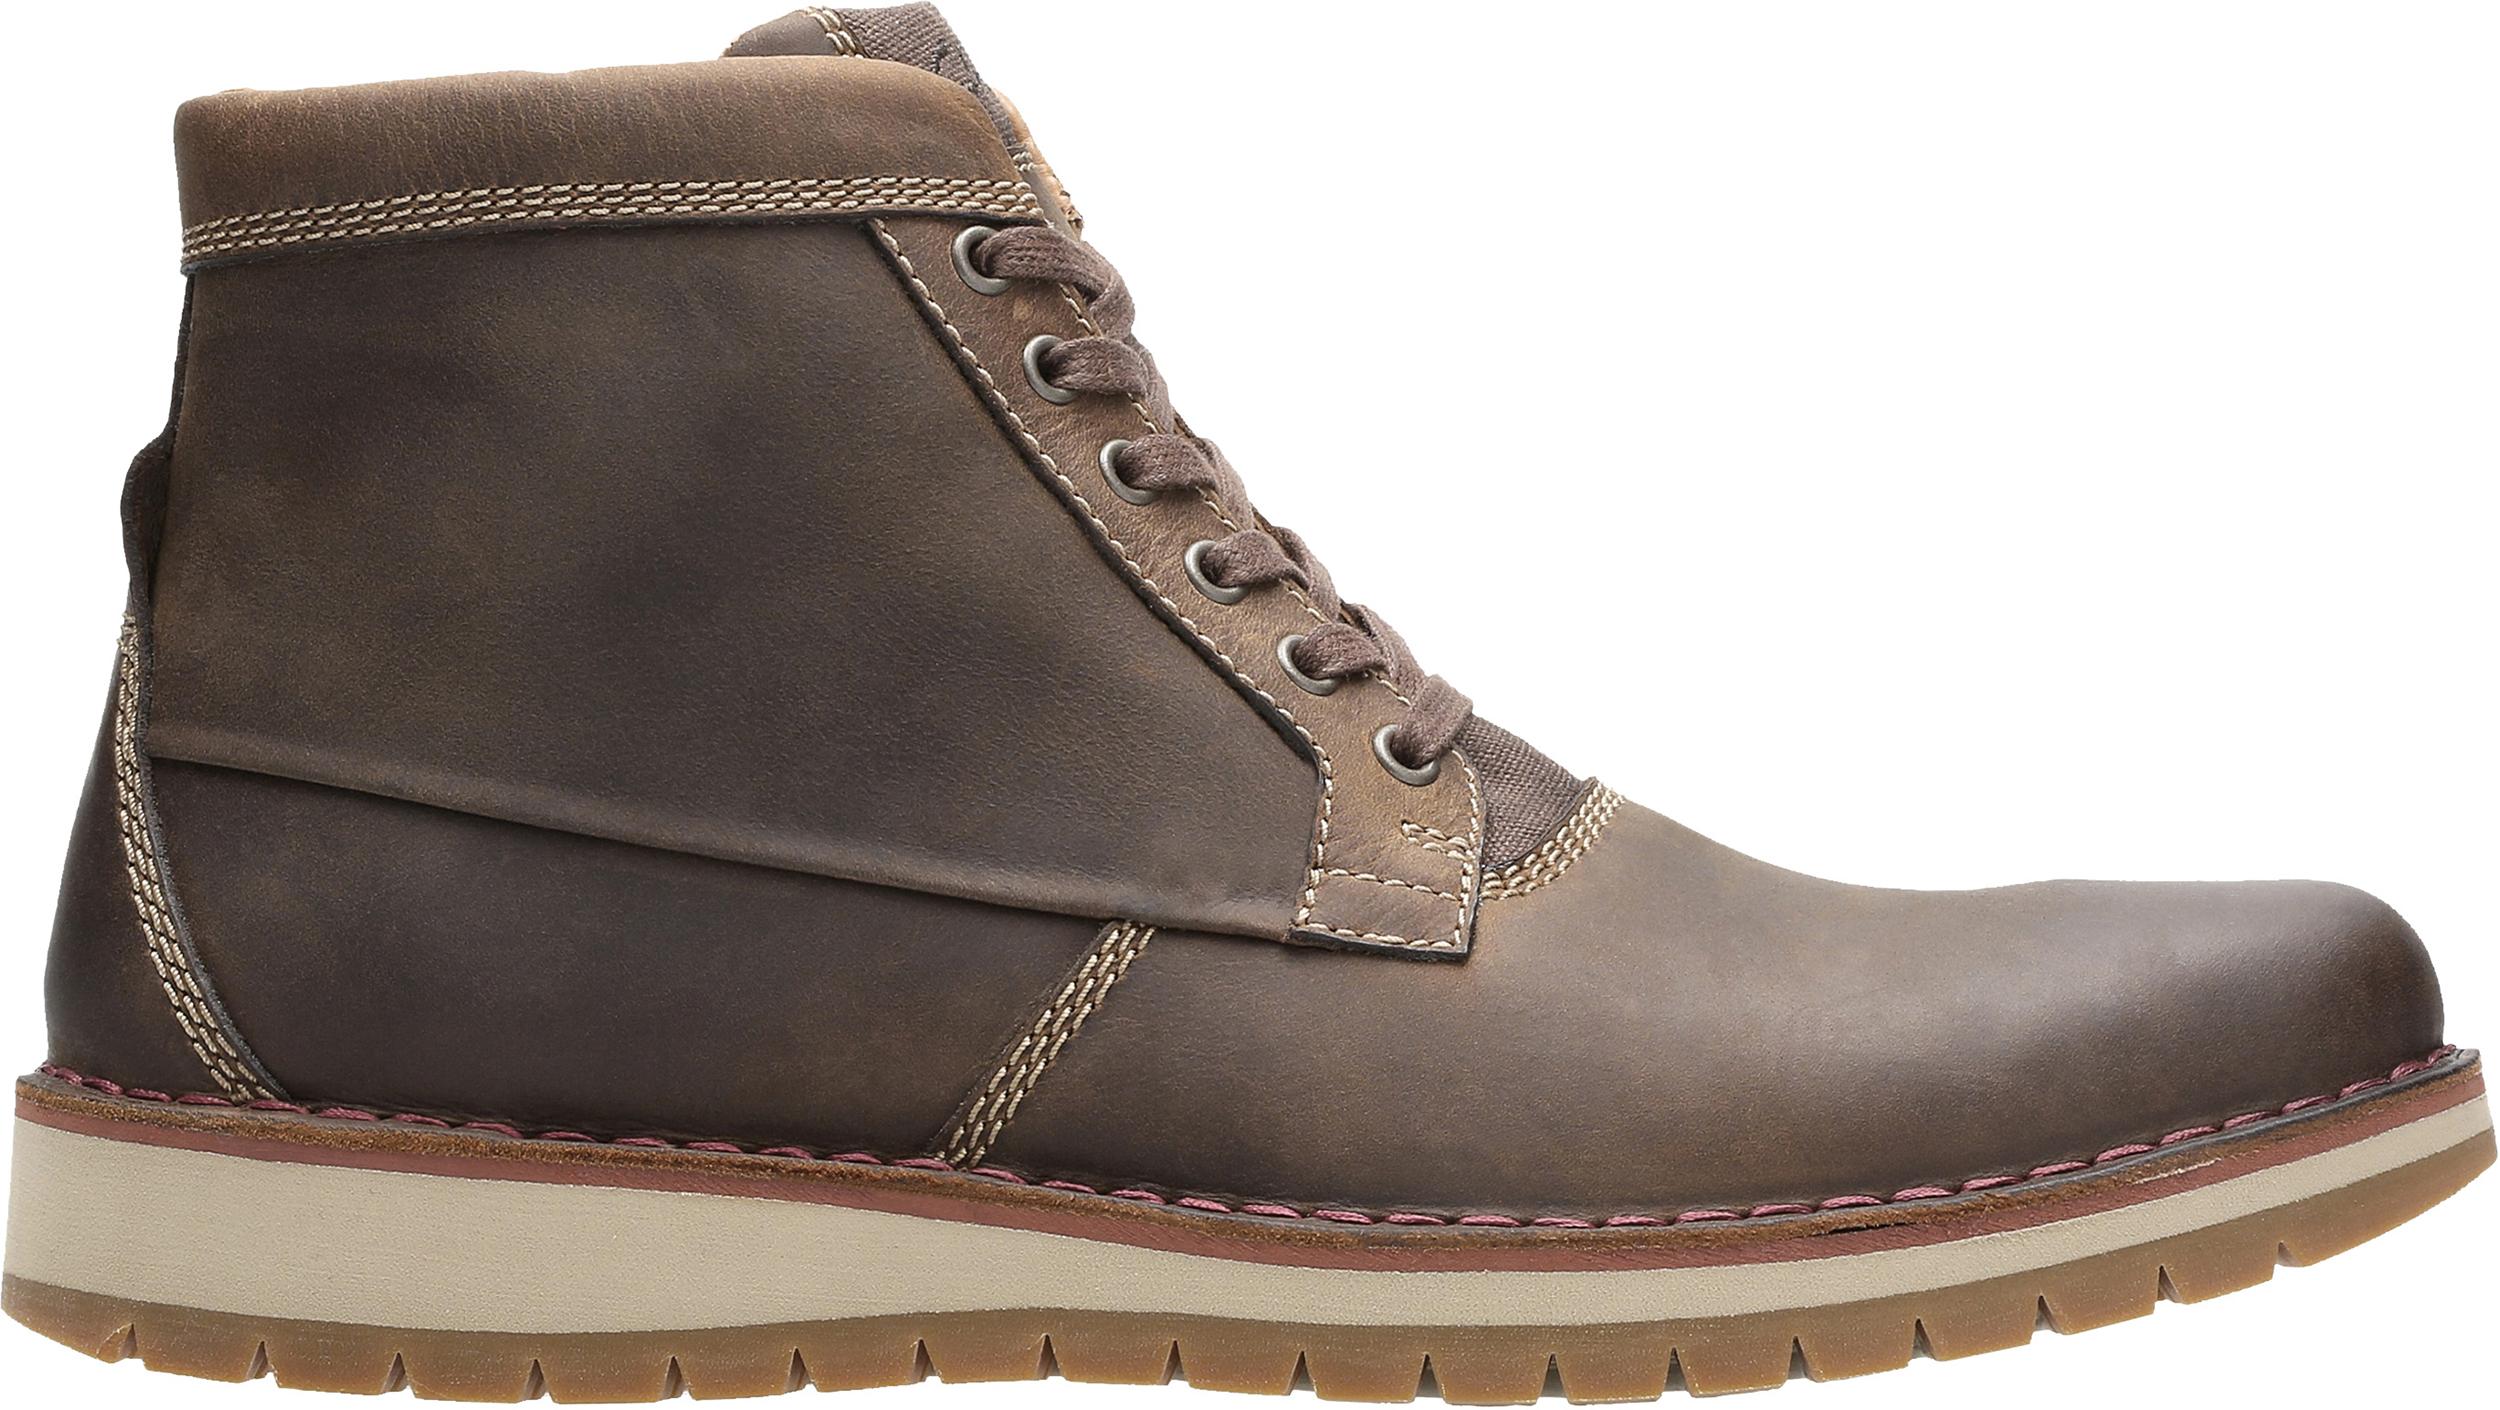 Clarks Varby Top Boots - Men's   MEC